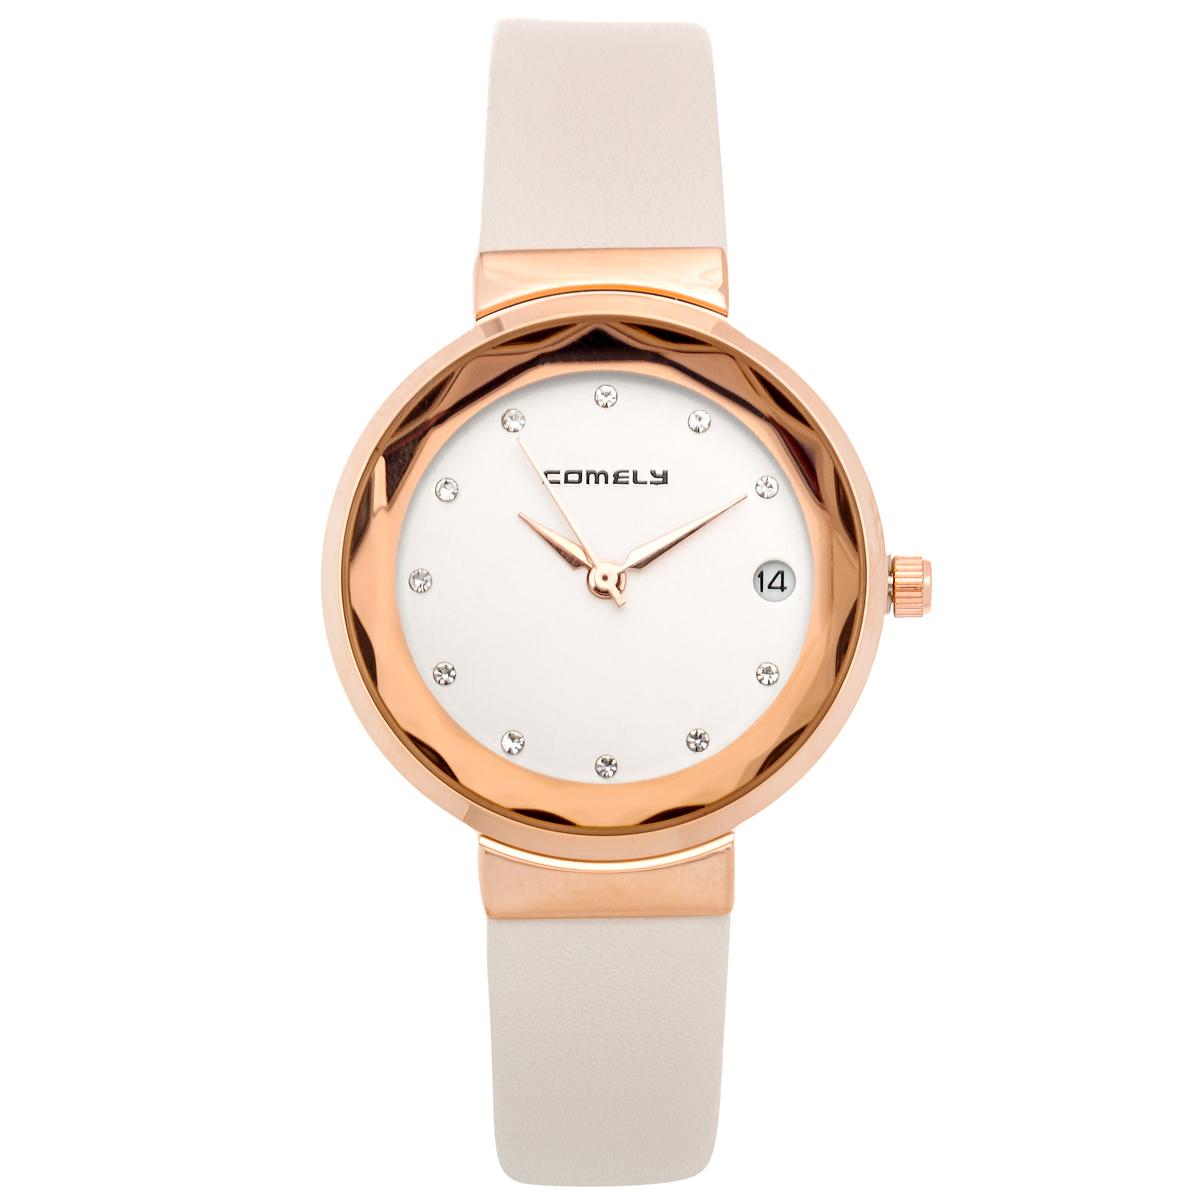 ساعت مچی عقربه ای زنانه کاملی کد W1126